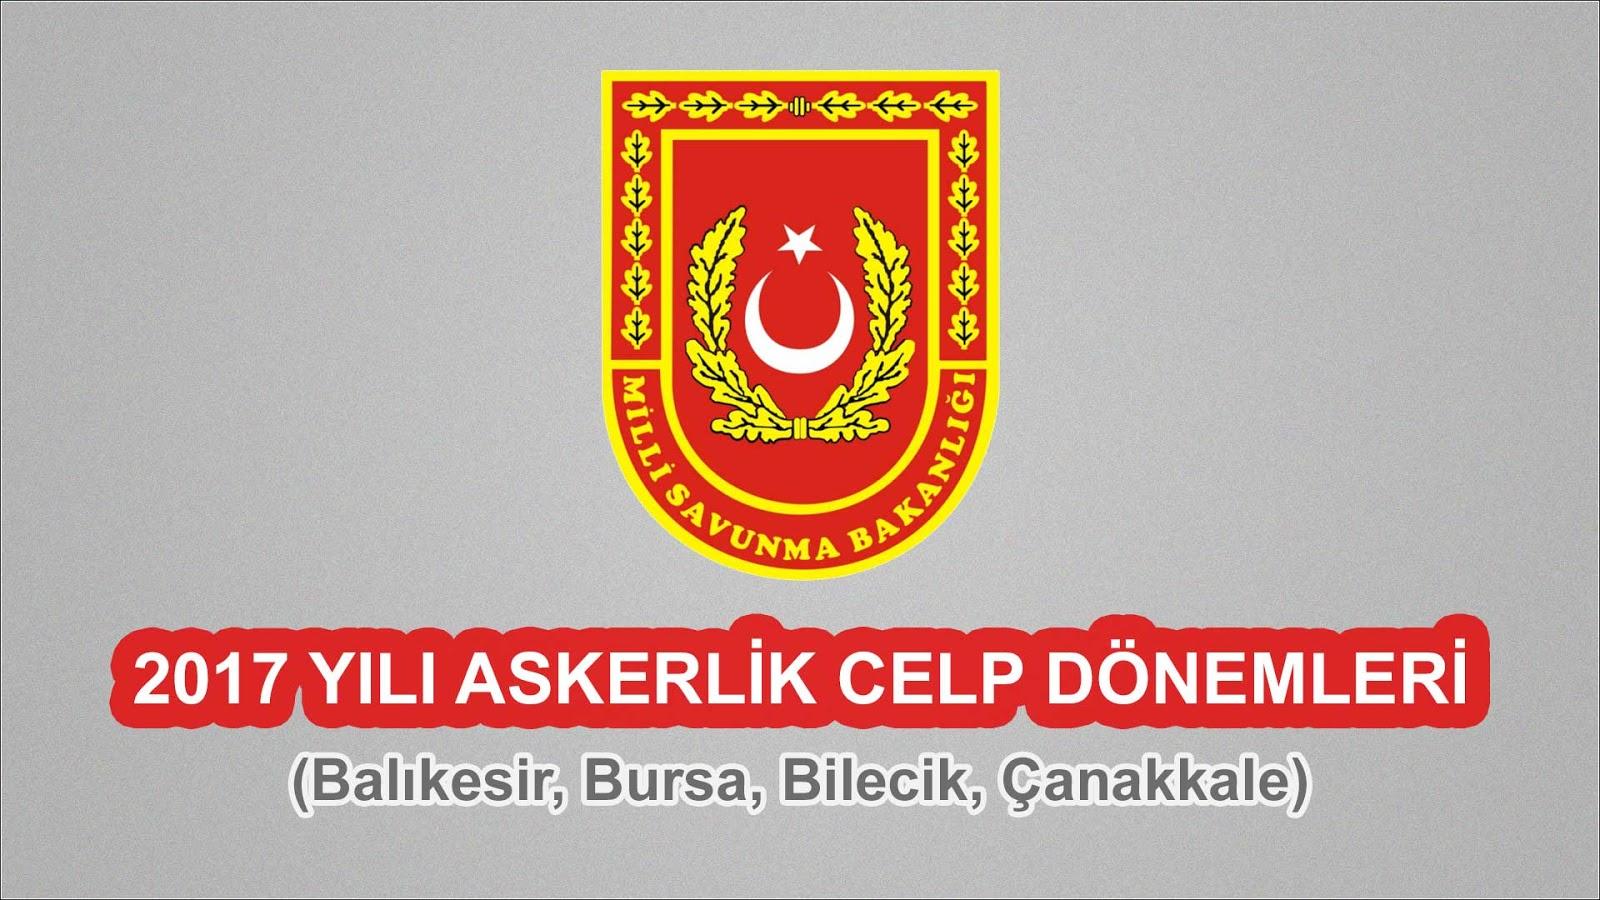 2017 Yılı Balıkesir, Bursa, Bilecik, Çanakkale Askerlik Celp Dönemleri